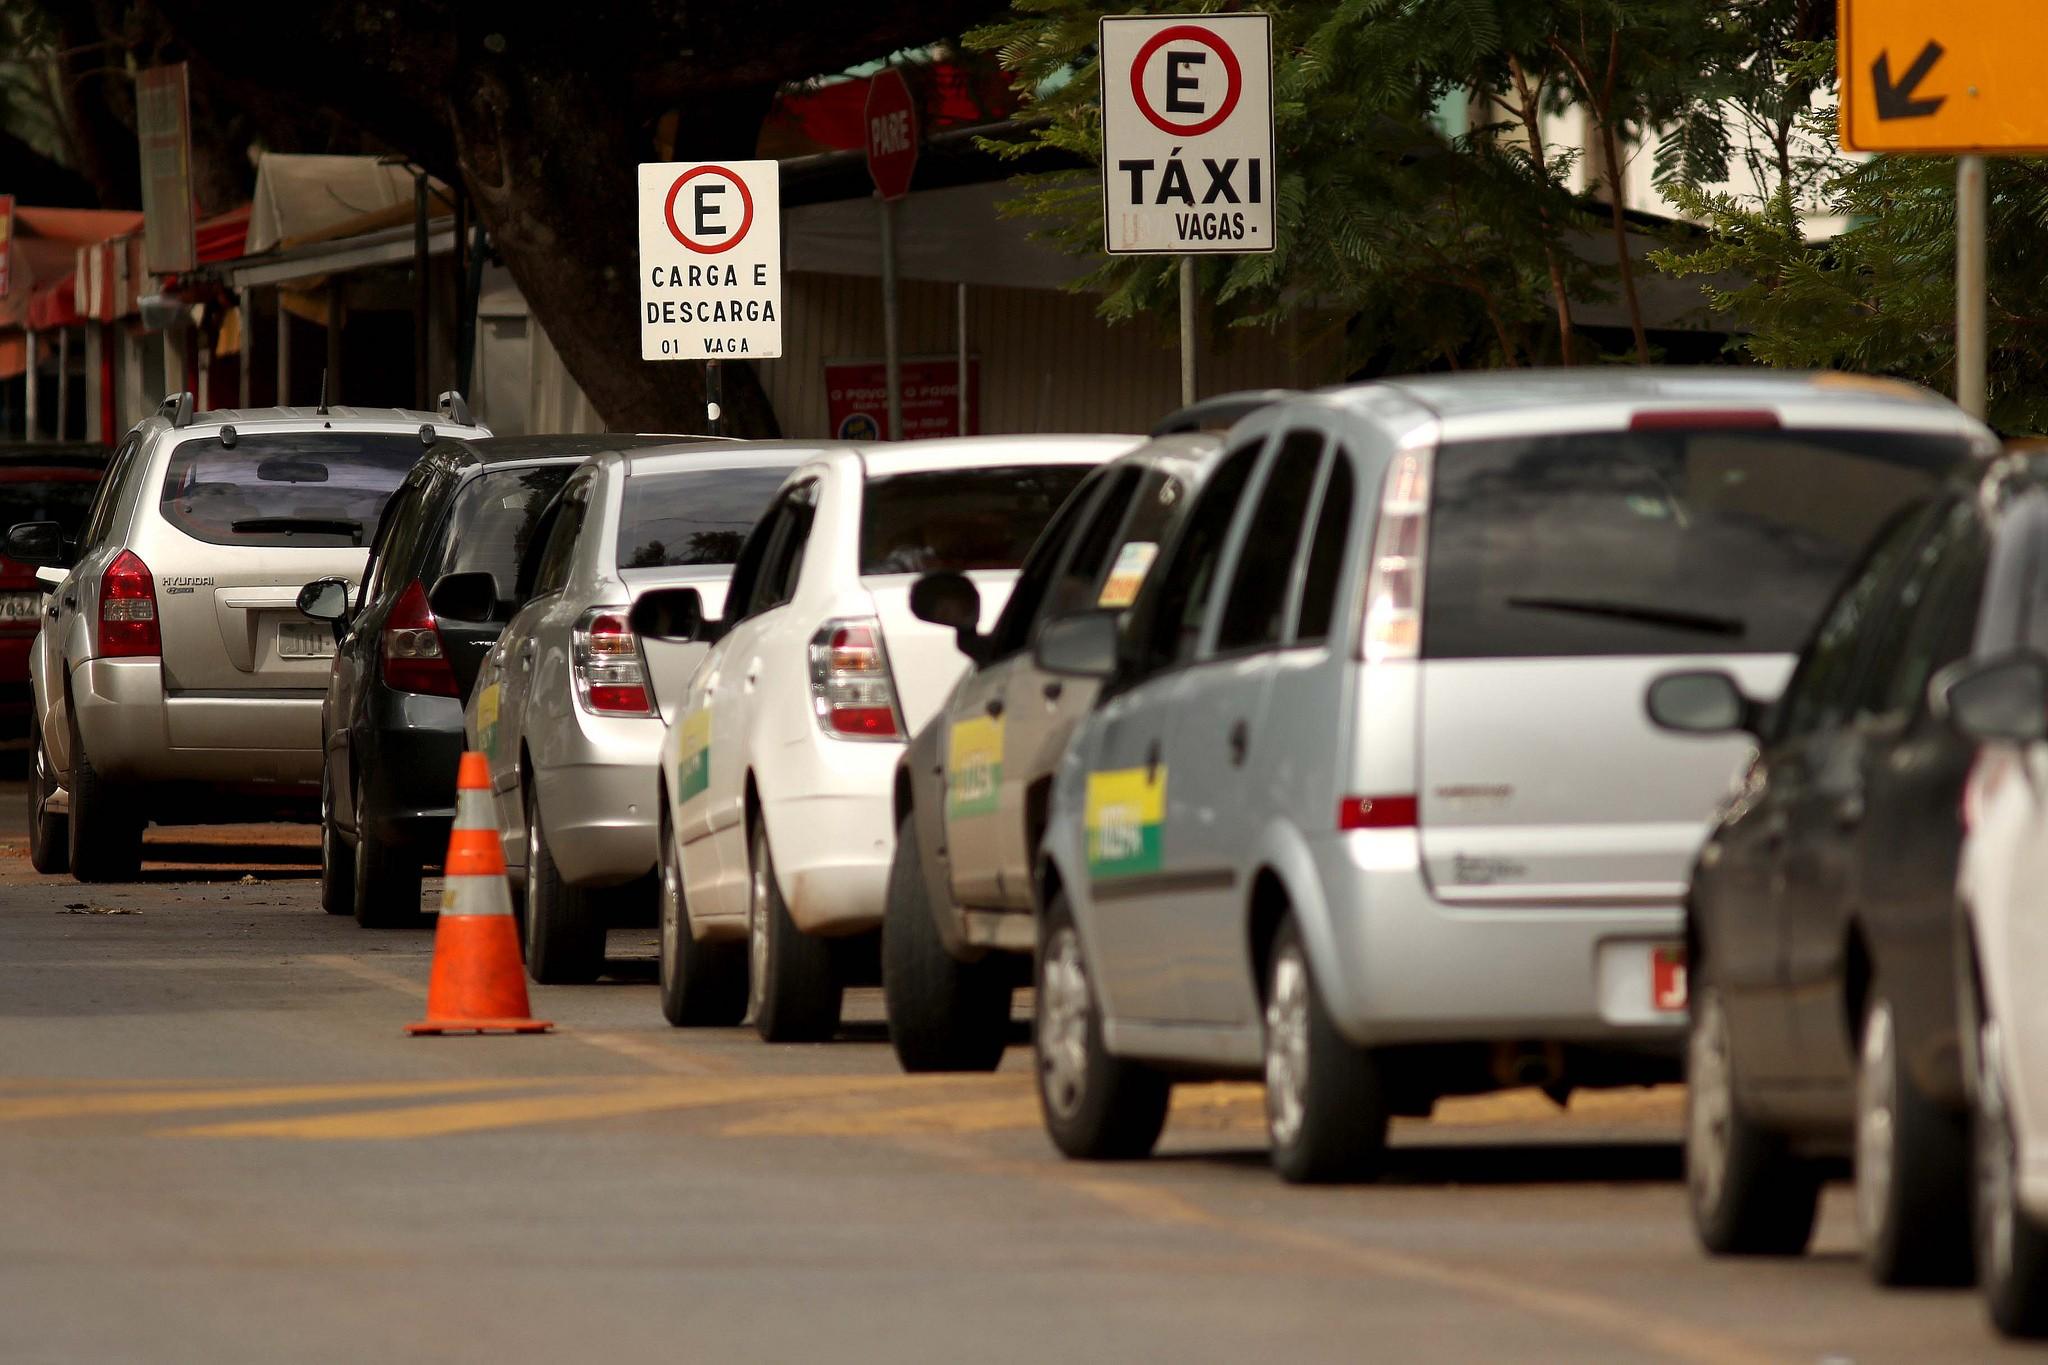 Licenciamento de veículos com placas de finais 77, 87 e 97 vai até sexta - Notícias - Plantão Diário